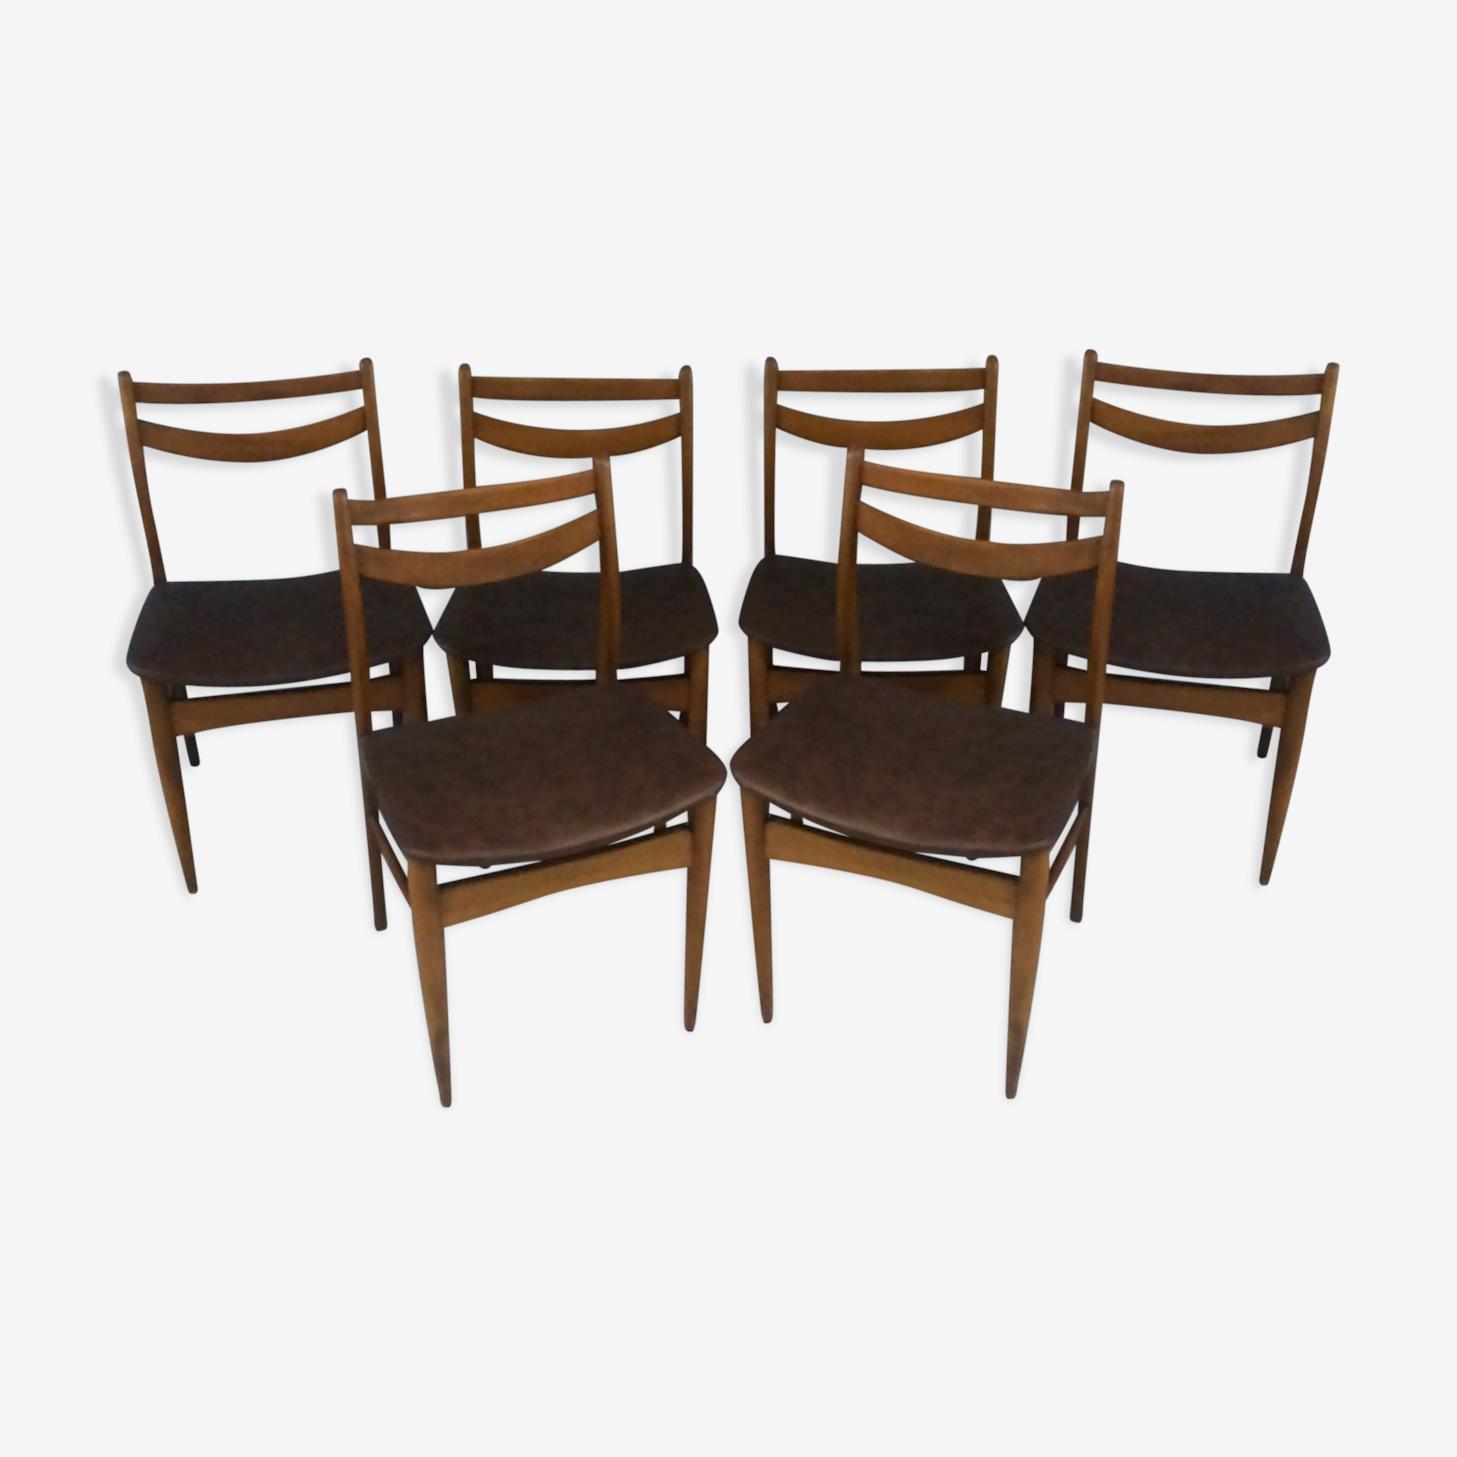 Série de 6 chaises aux lignes épurées